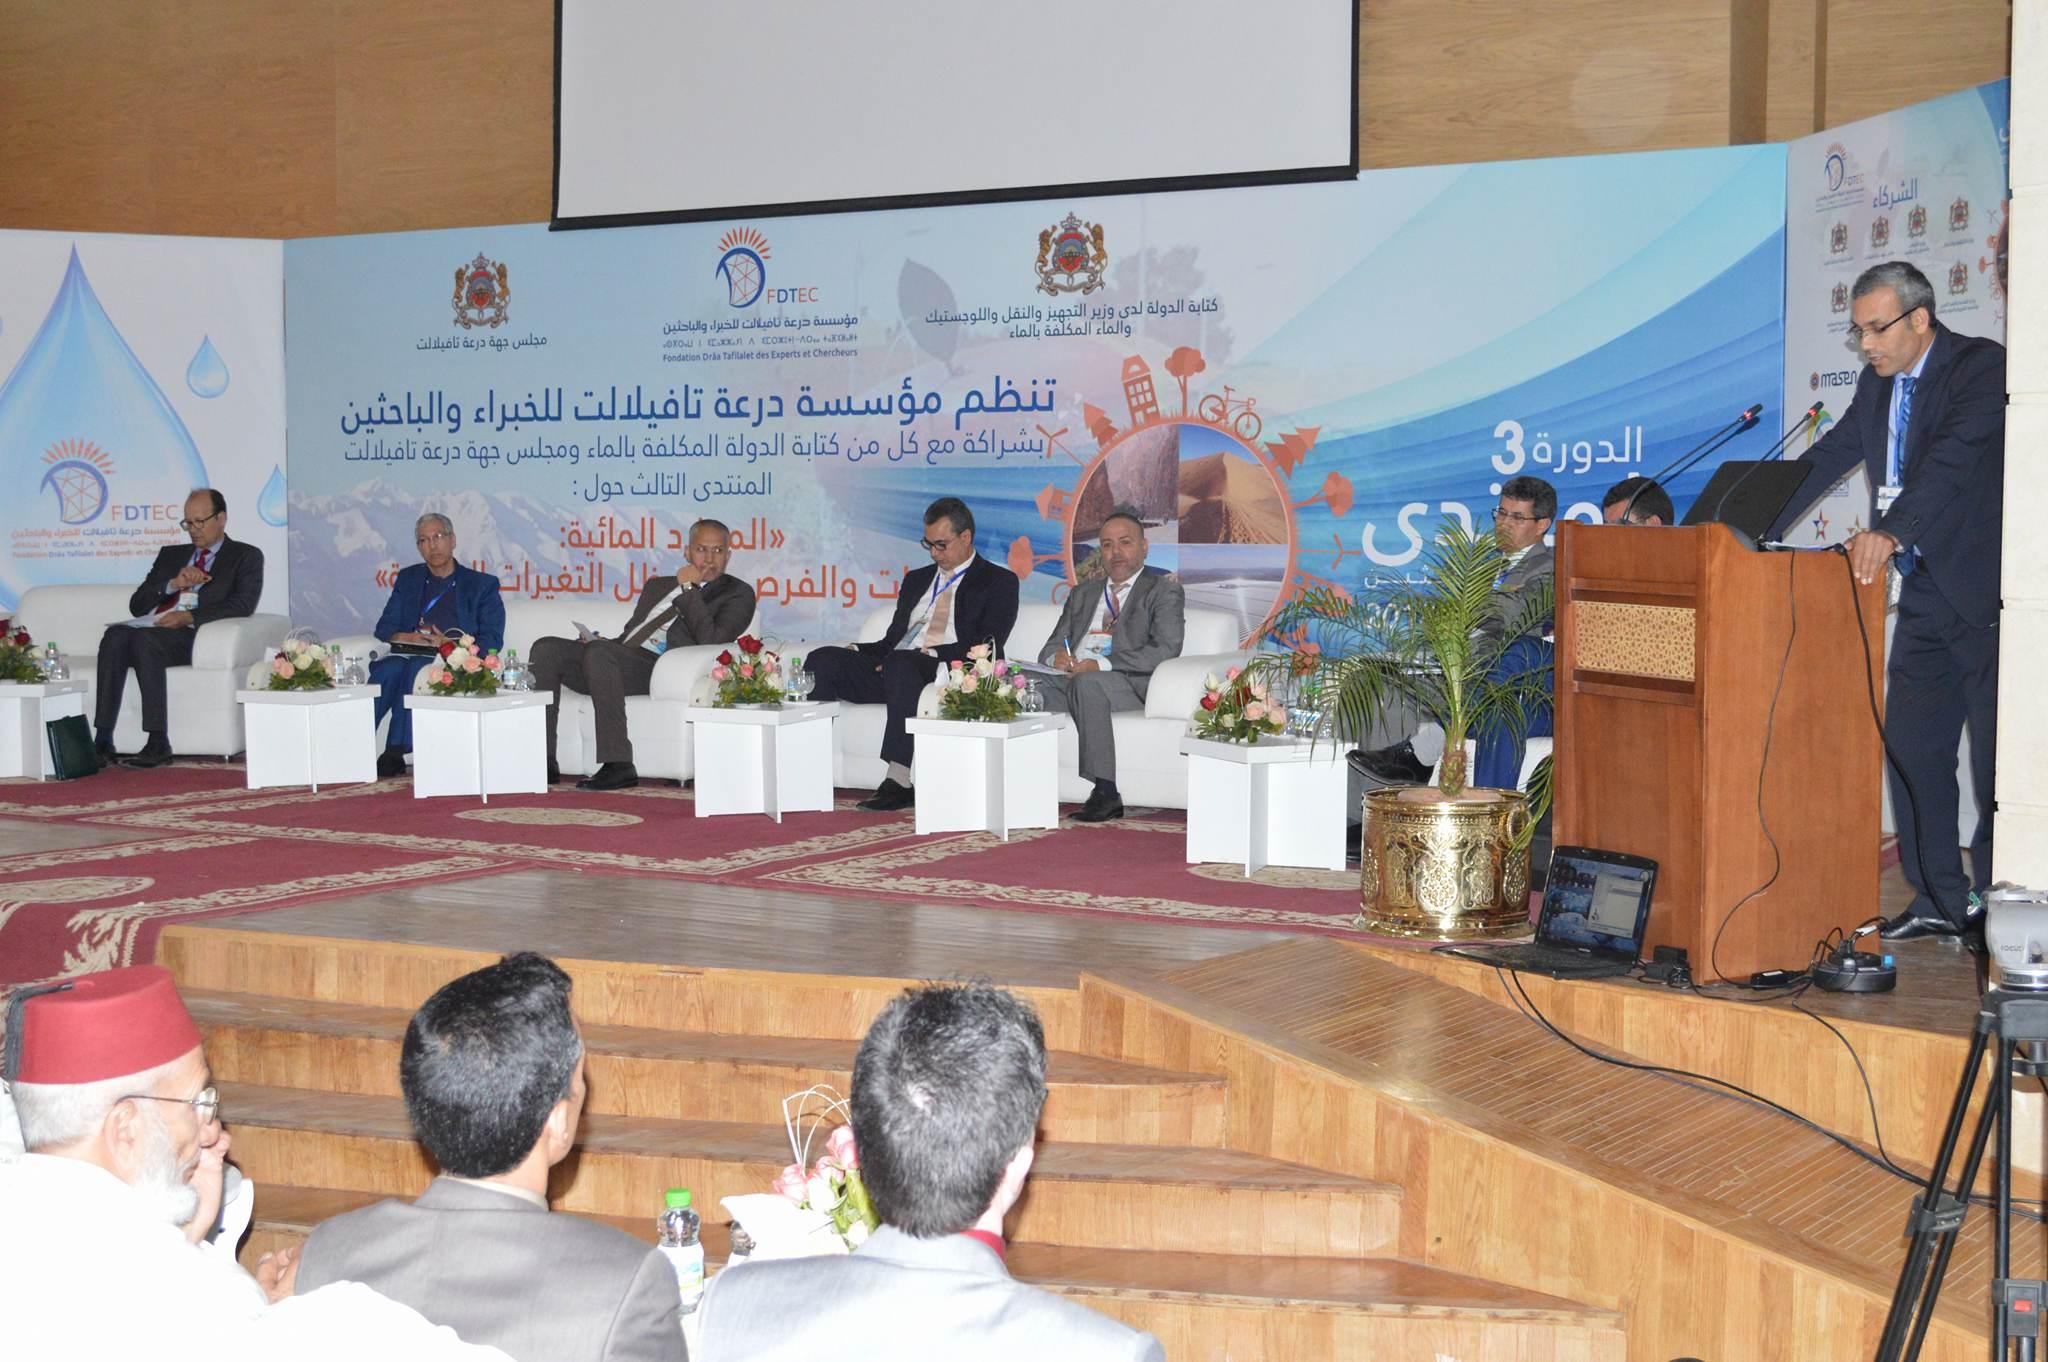 بميدلت إفتتاح النسخة الثالثة لمنتدى الخبراء والباحثين حول اشكالية الموارد المائية.